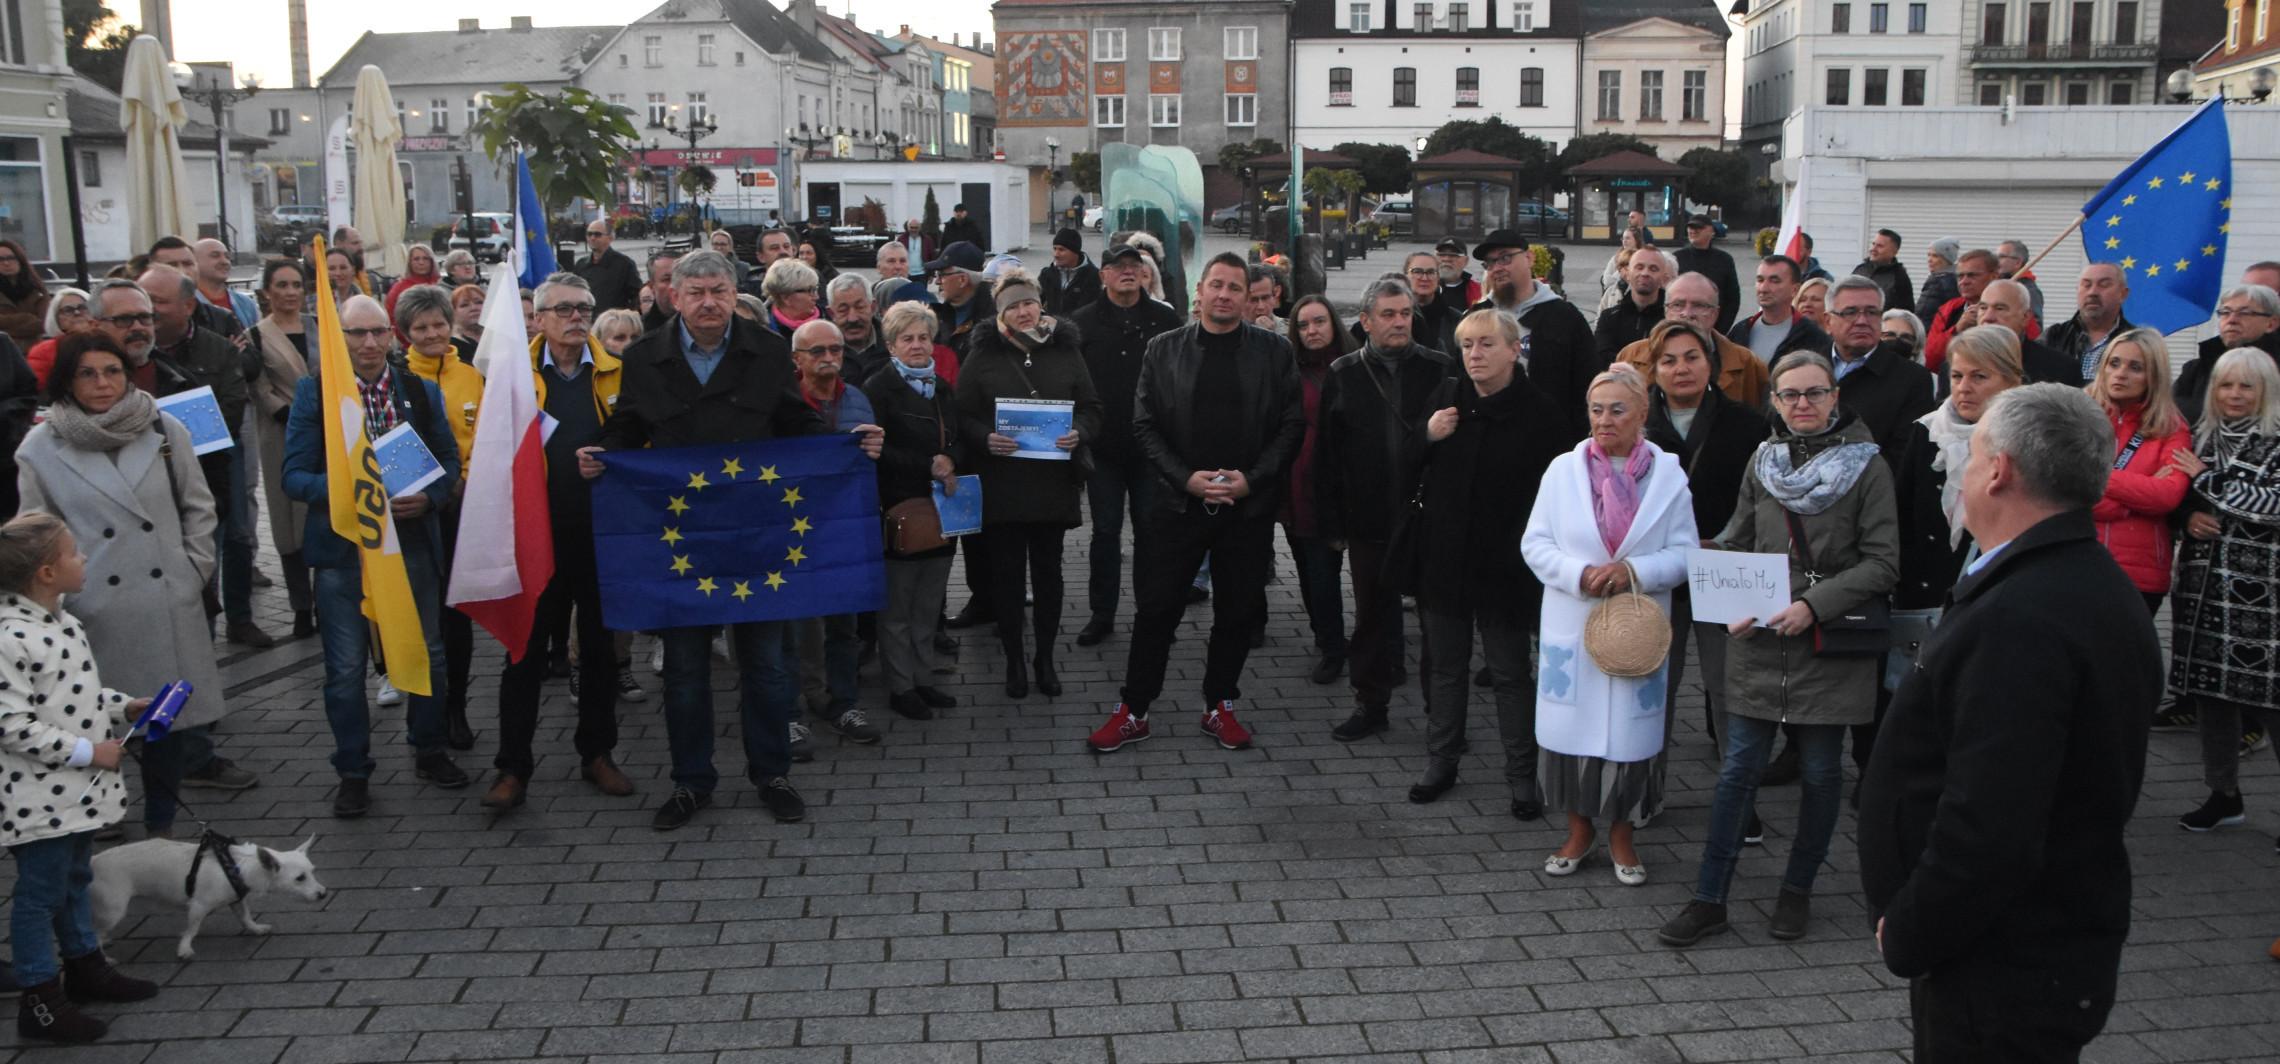 """Inowrocław - """"Unia to my"""". Manifestacja w Inowrocławiu"""